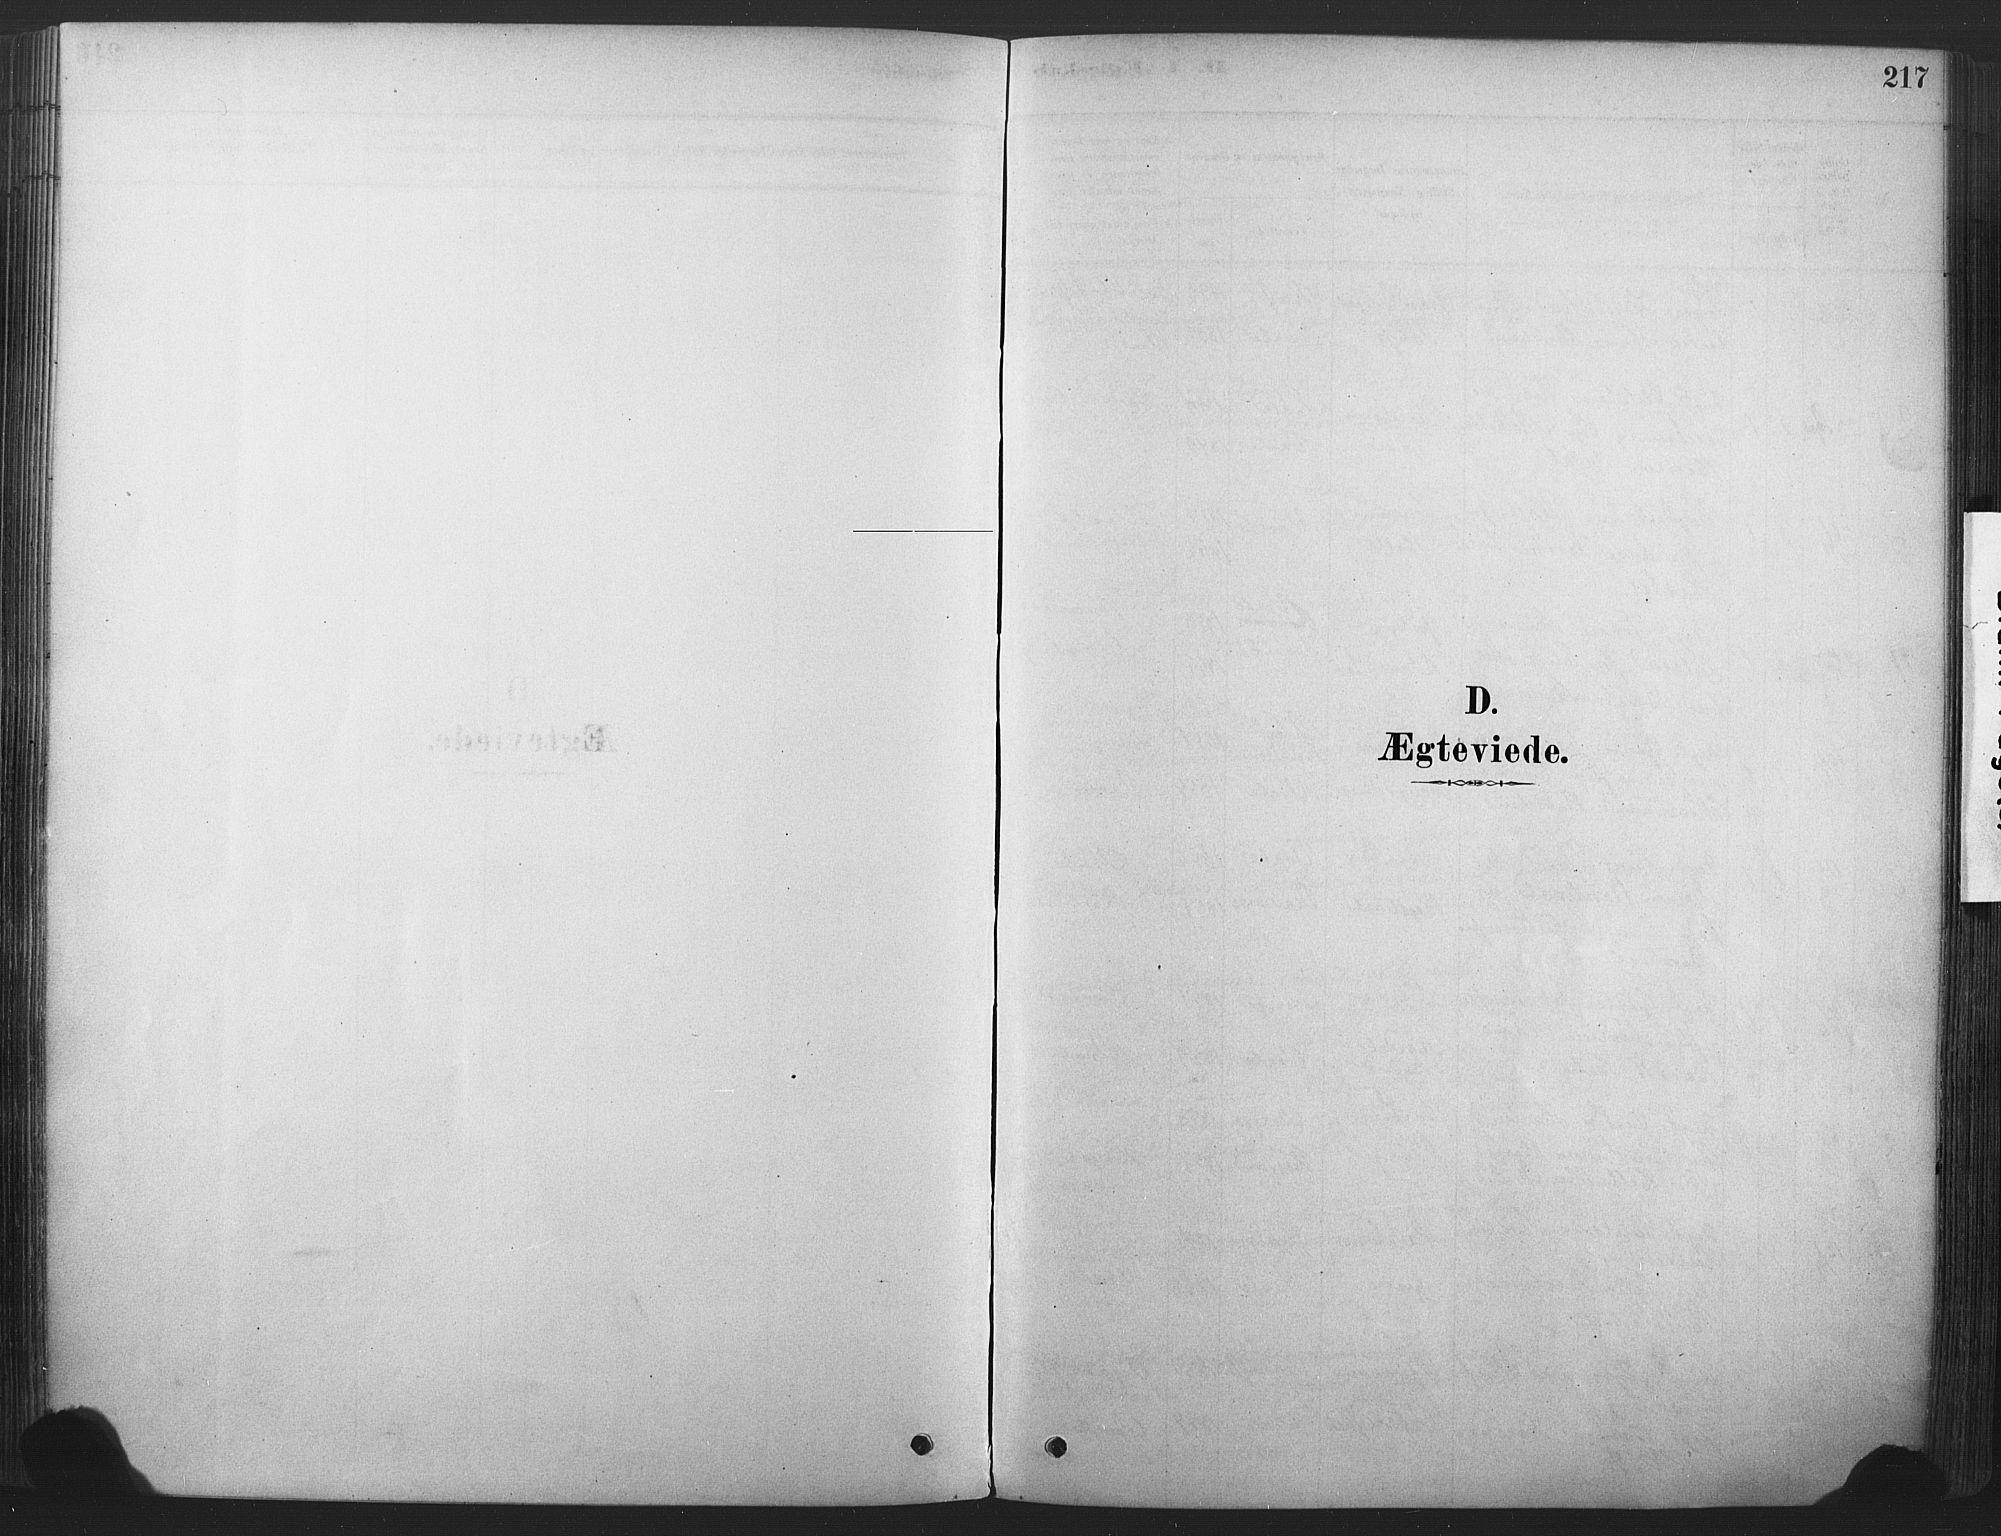 SAKO, Våle kirkebøker, F/Fa/L0011: Ministerialbok nr. I 11, 1878-1906, s. 217